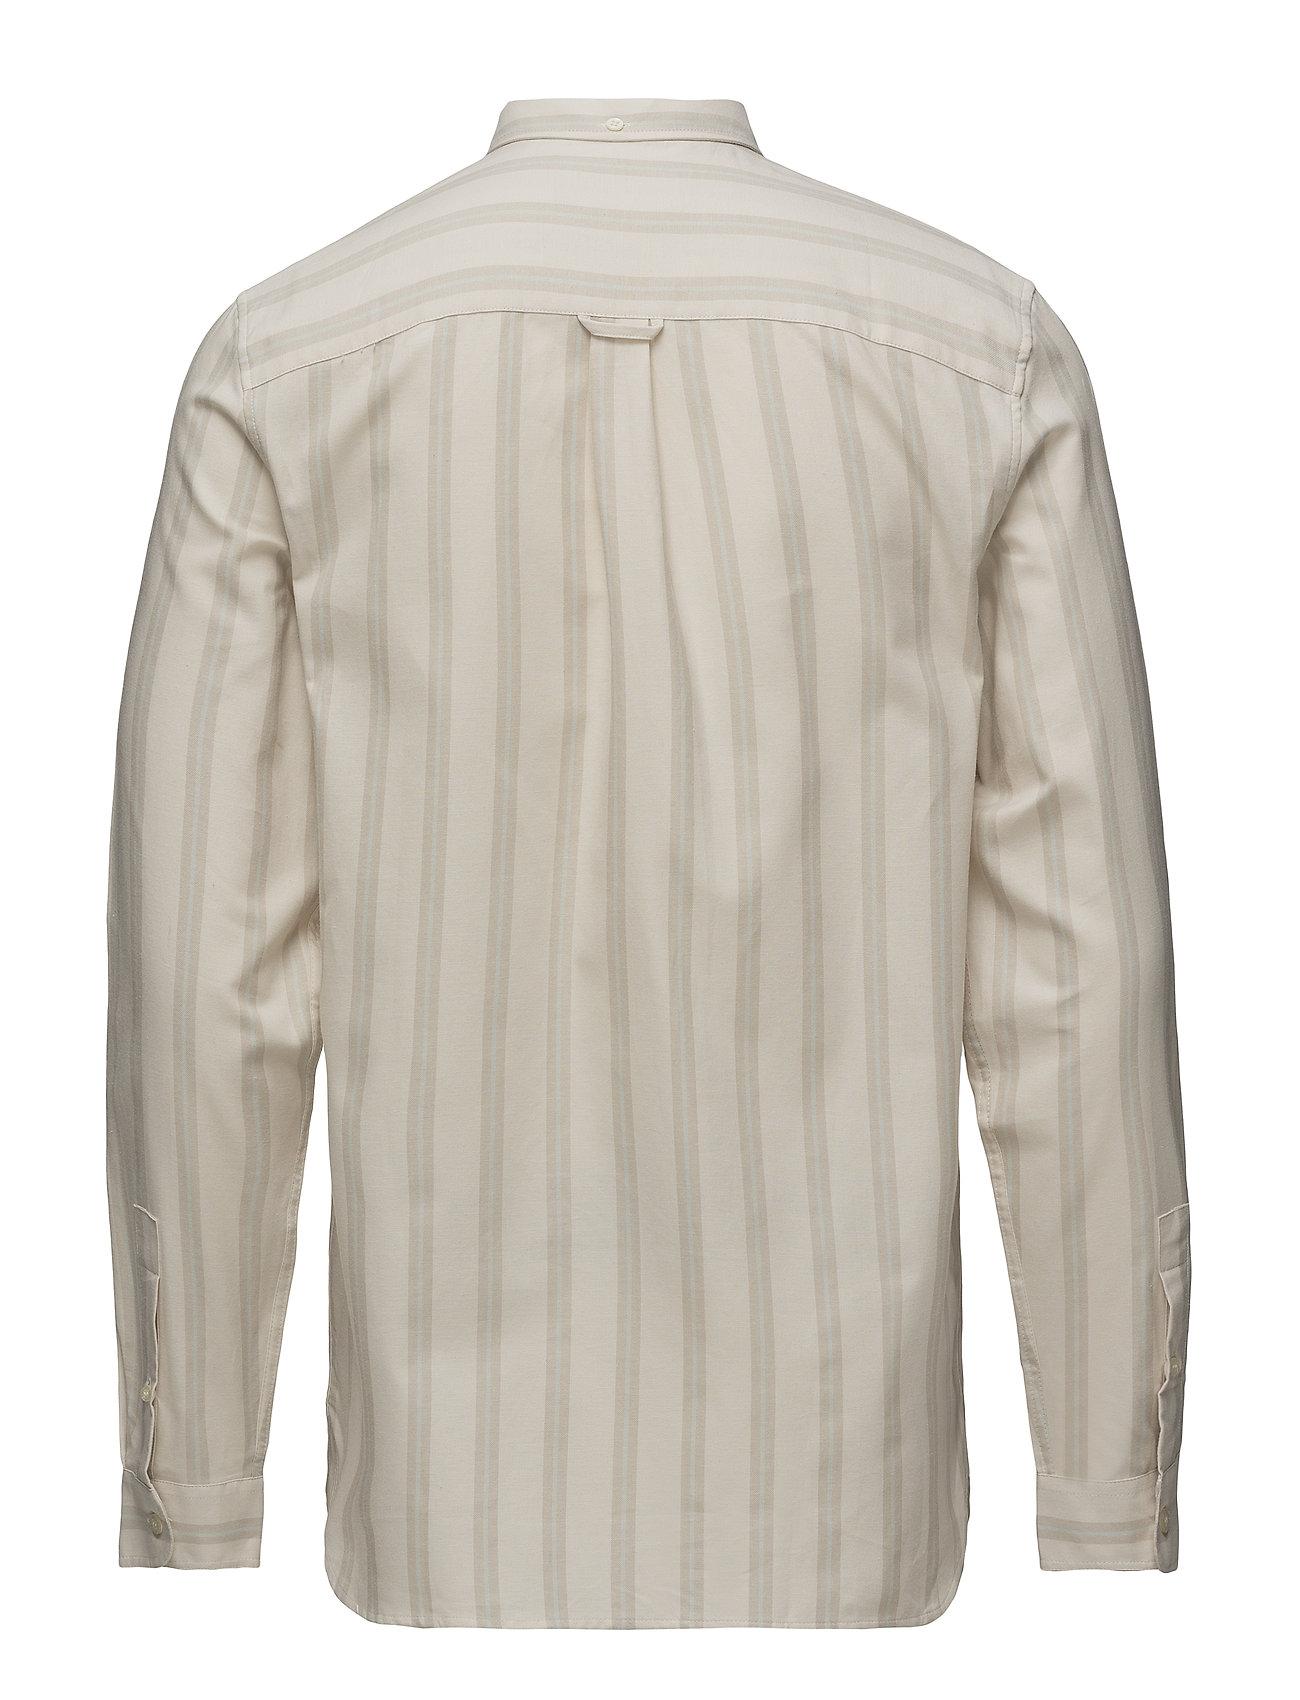 WhiteLyleamp; Stripe Ls Shirtseashell Scott Deckchair SzMqUVp